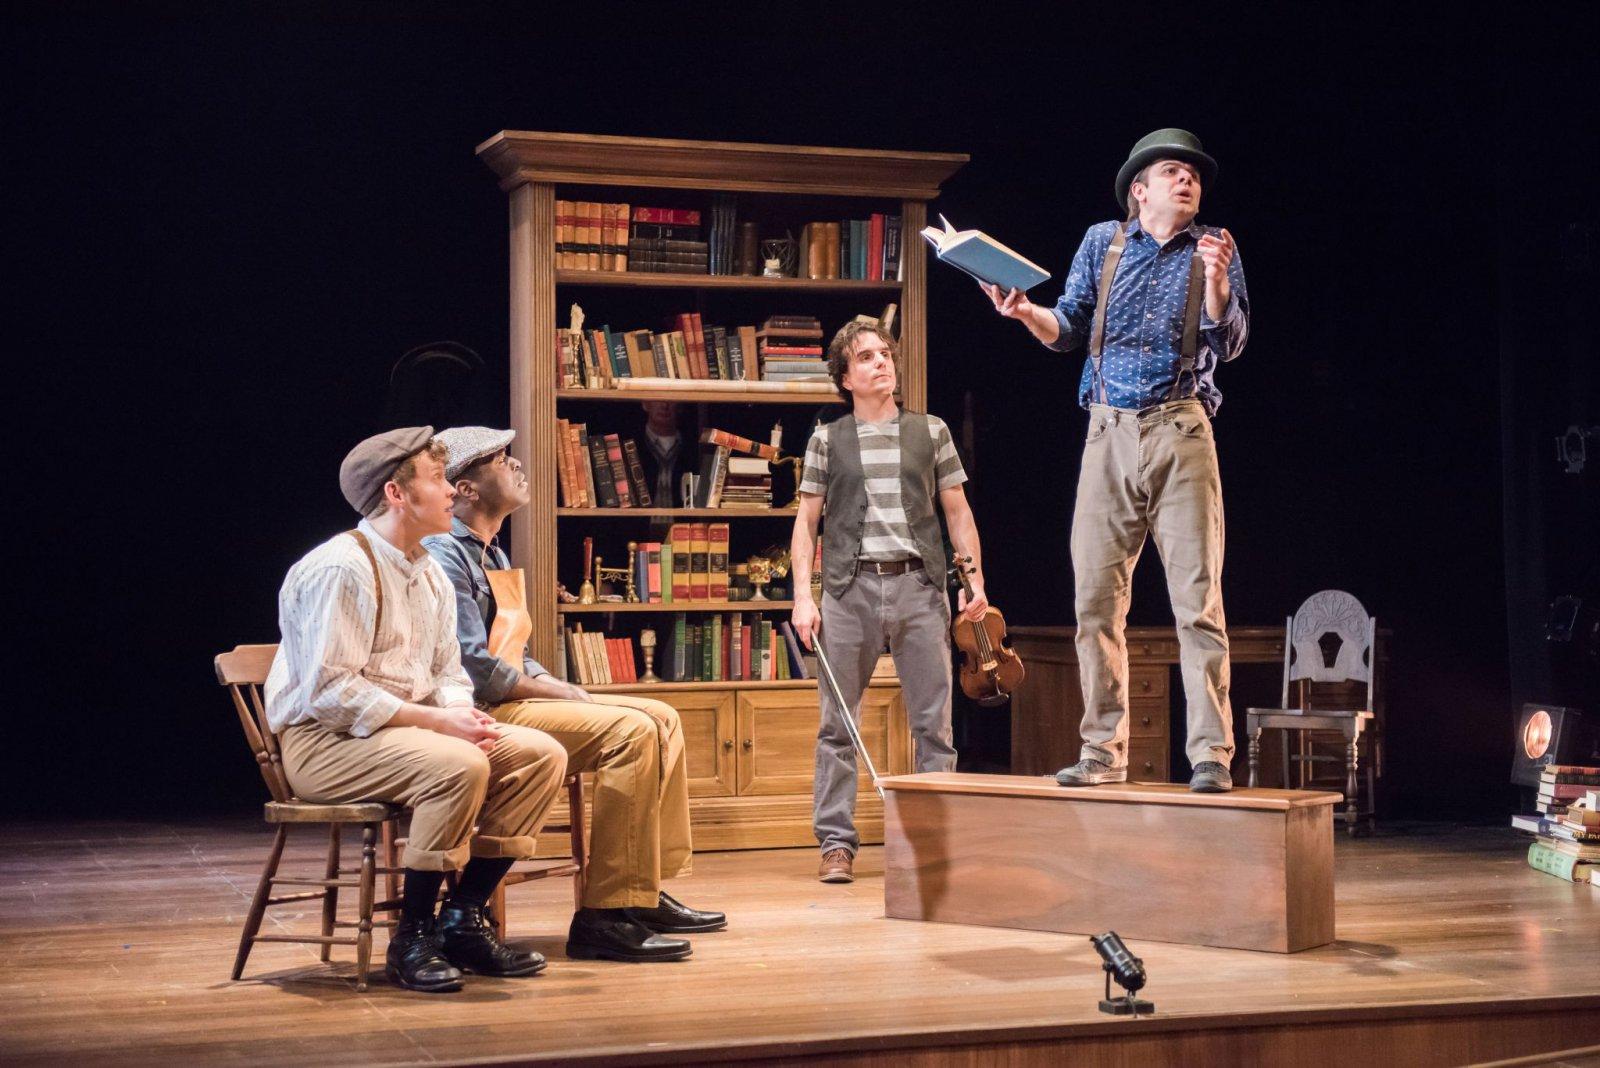 Josh Krause as Pip, Chiké Johnson as Joe, Andrew Crowe, Zach Thomas Woods as Mr. Wopsle